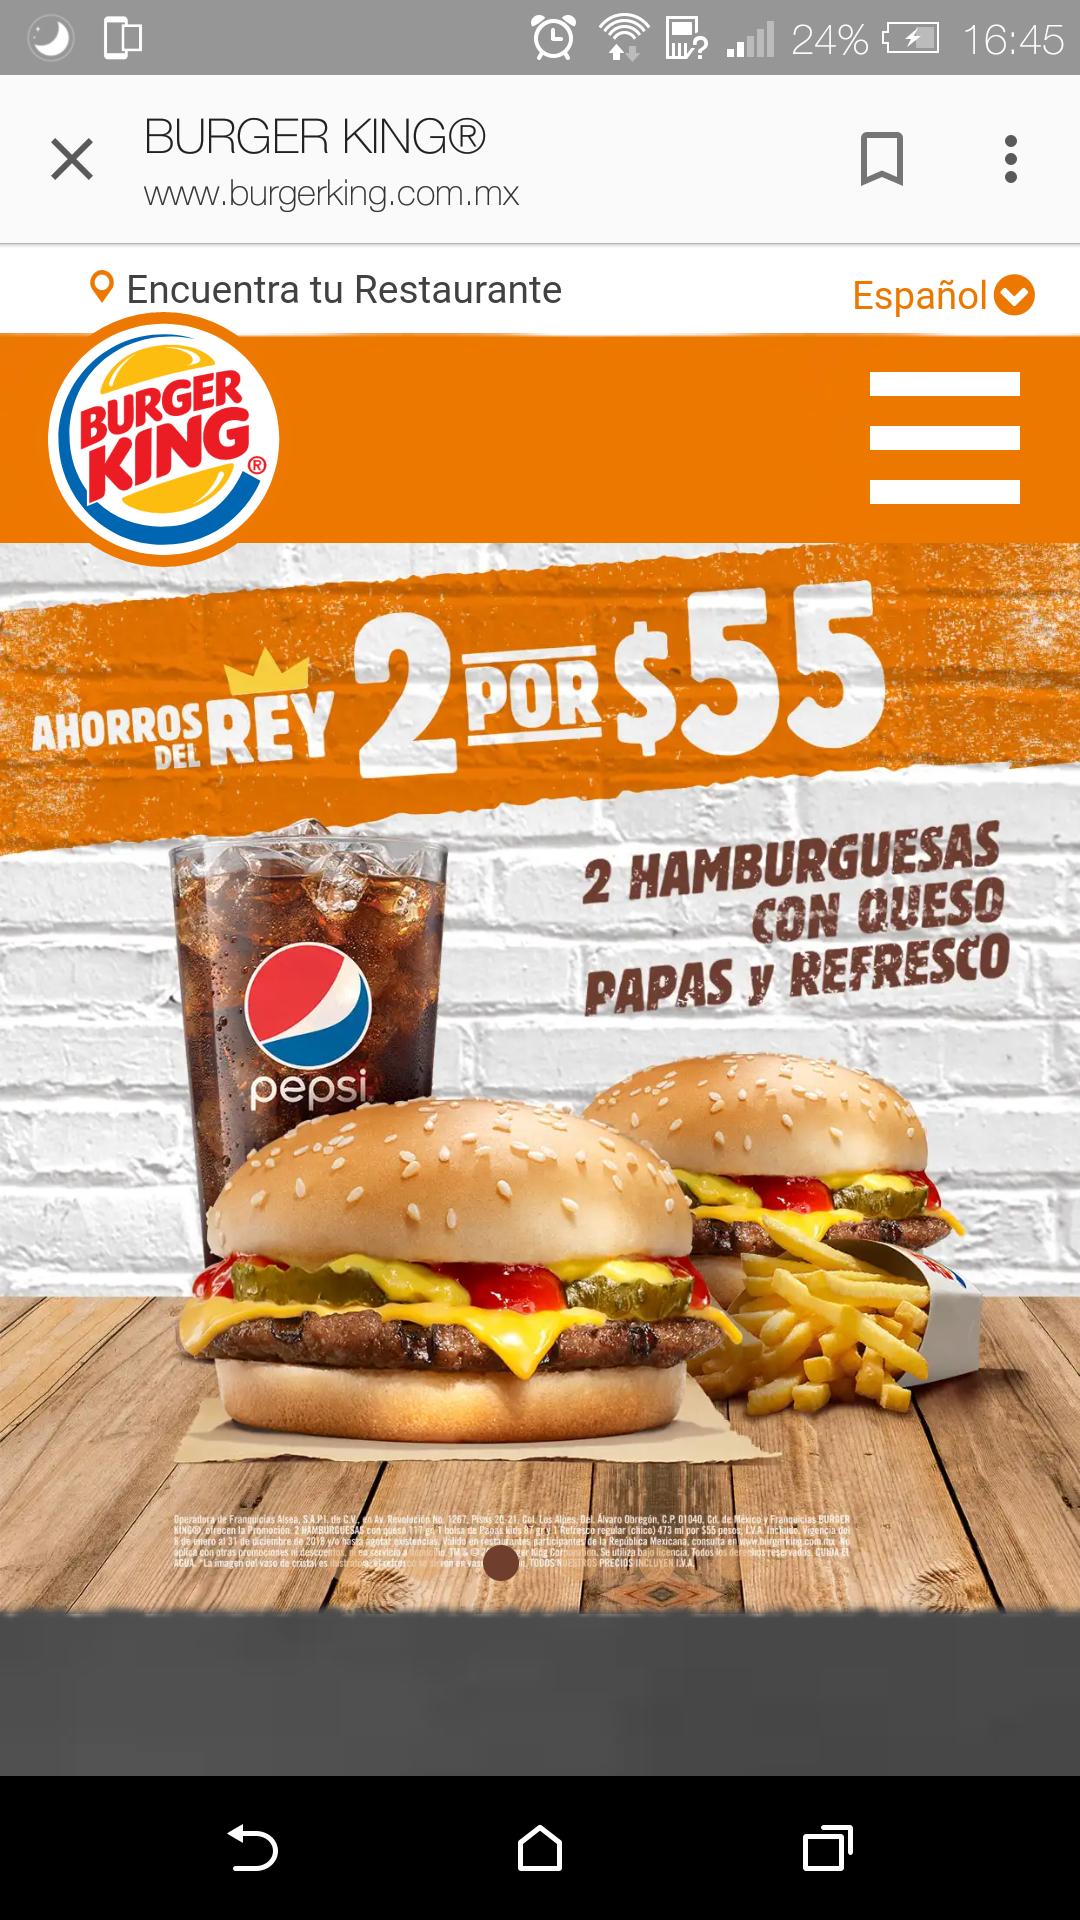 Burger King: 2 Hamburguesas + Papas y Refrescos por 55